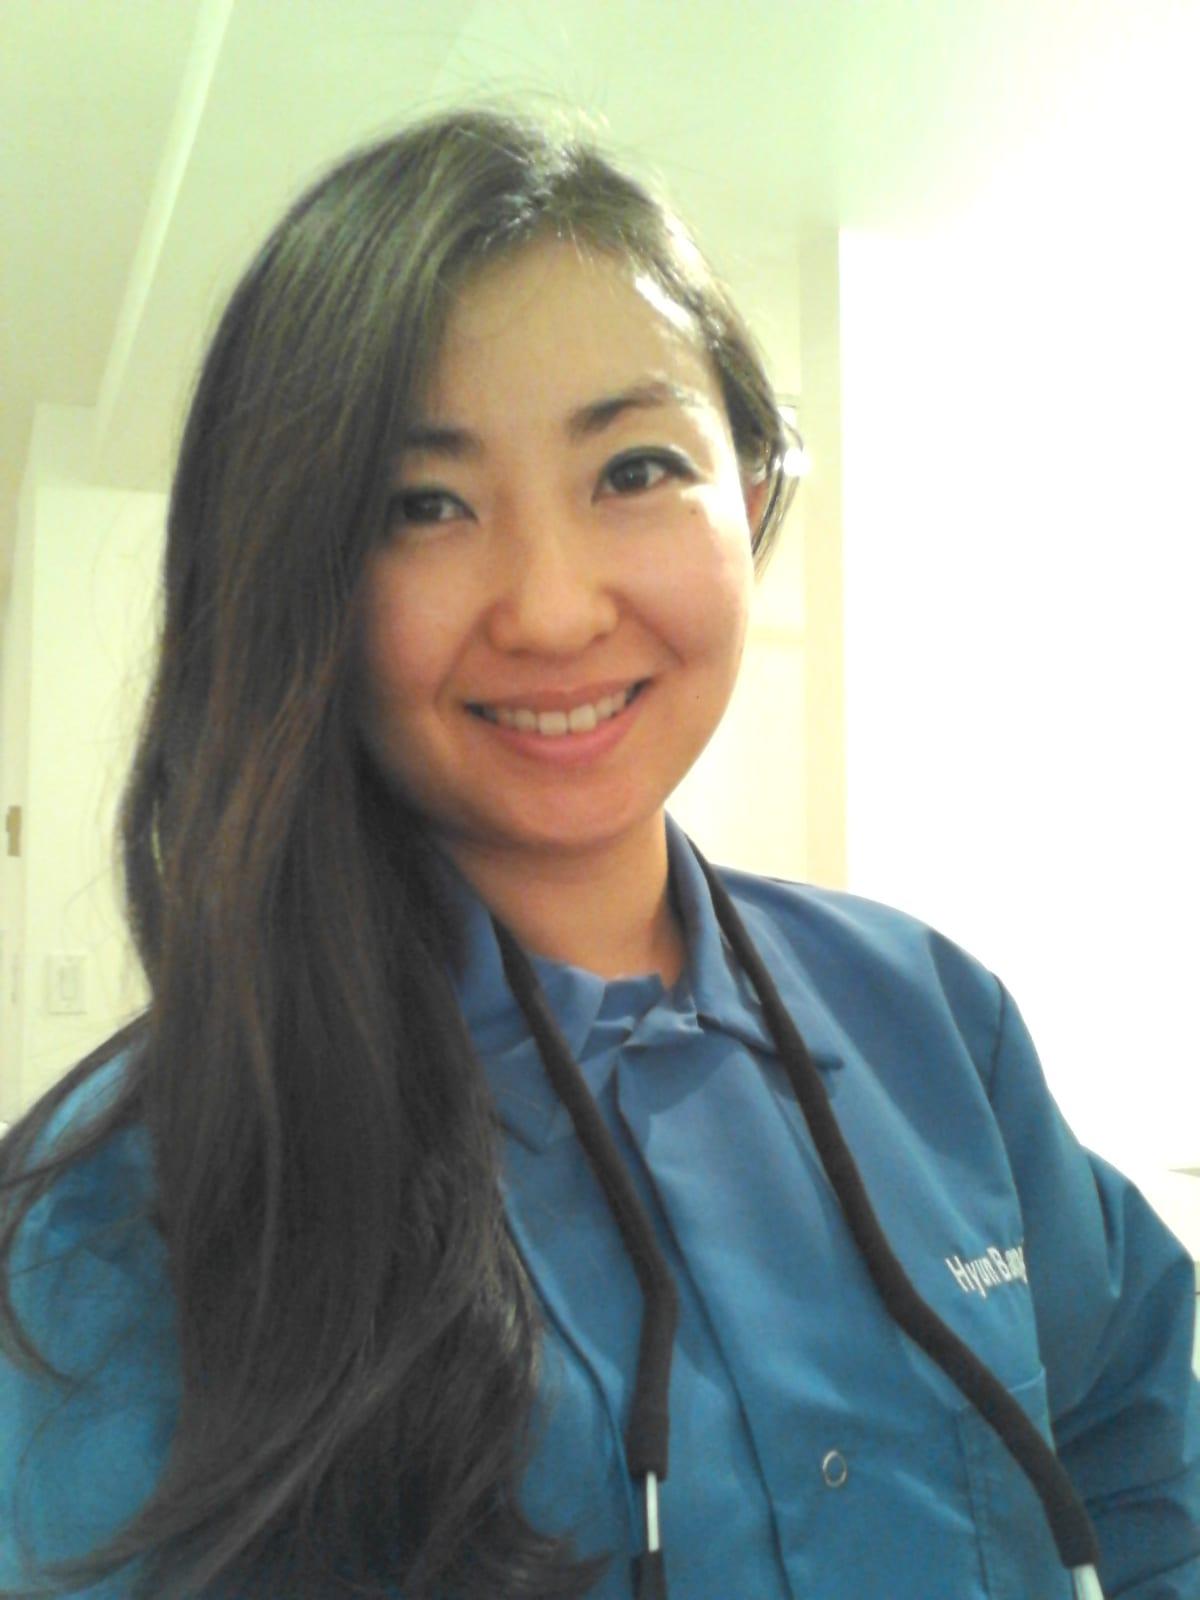 Hyun S Bang General Dentistry